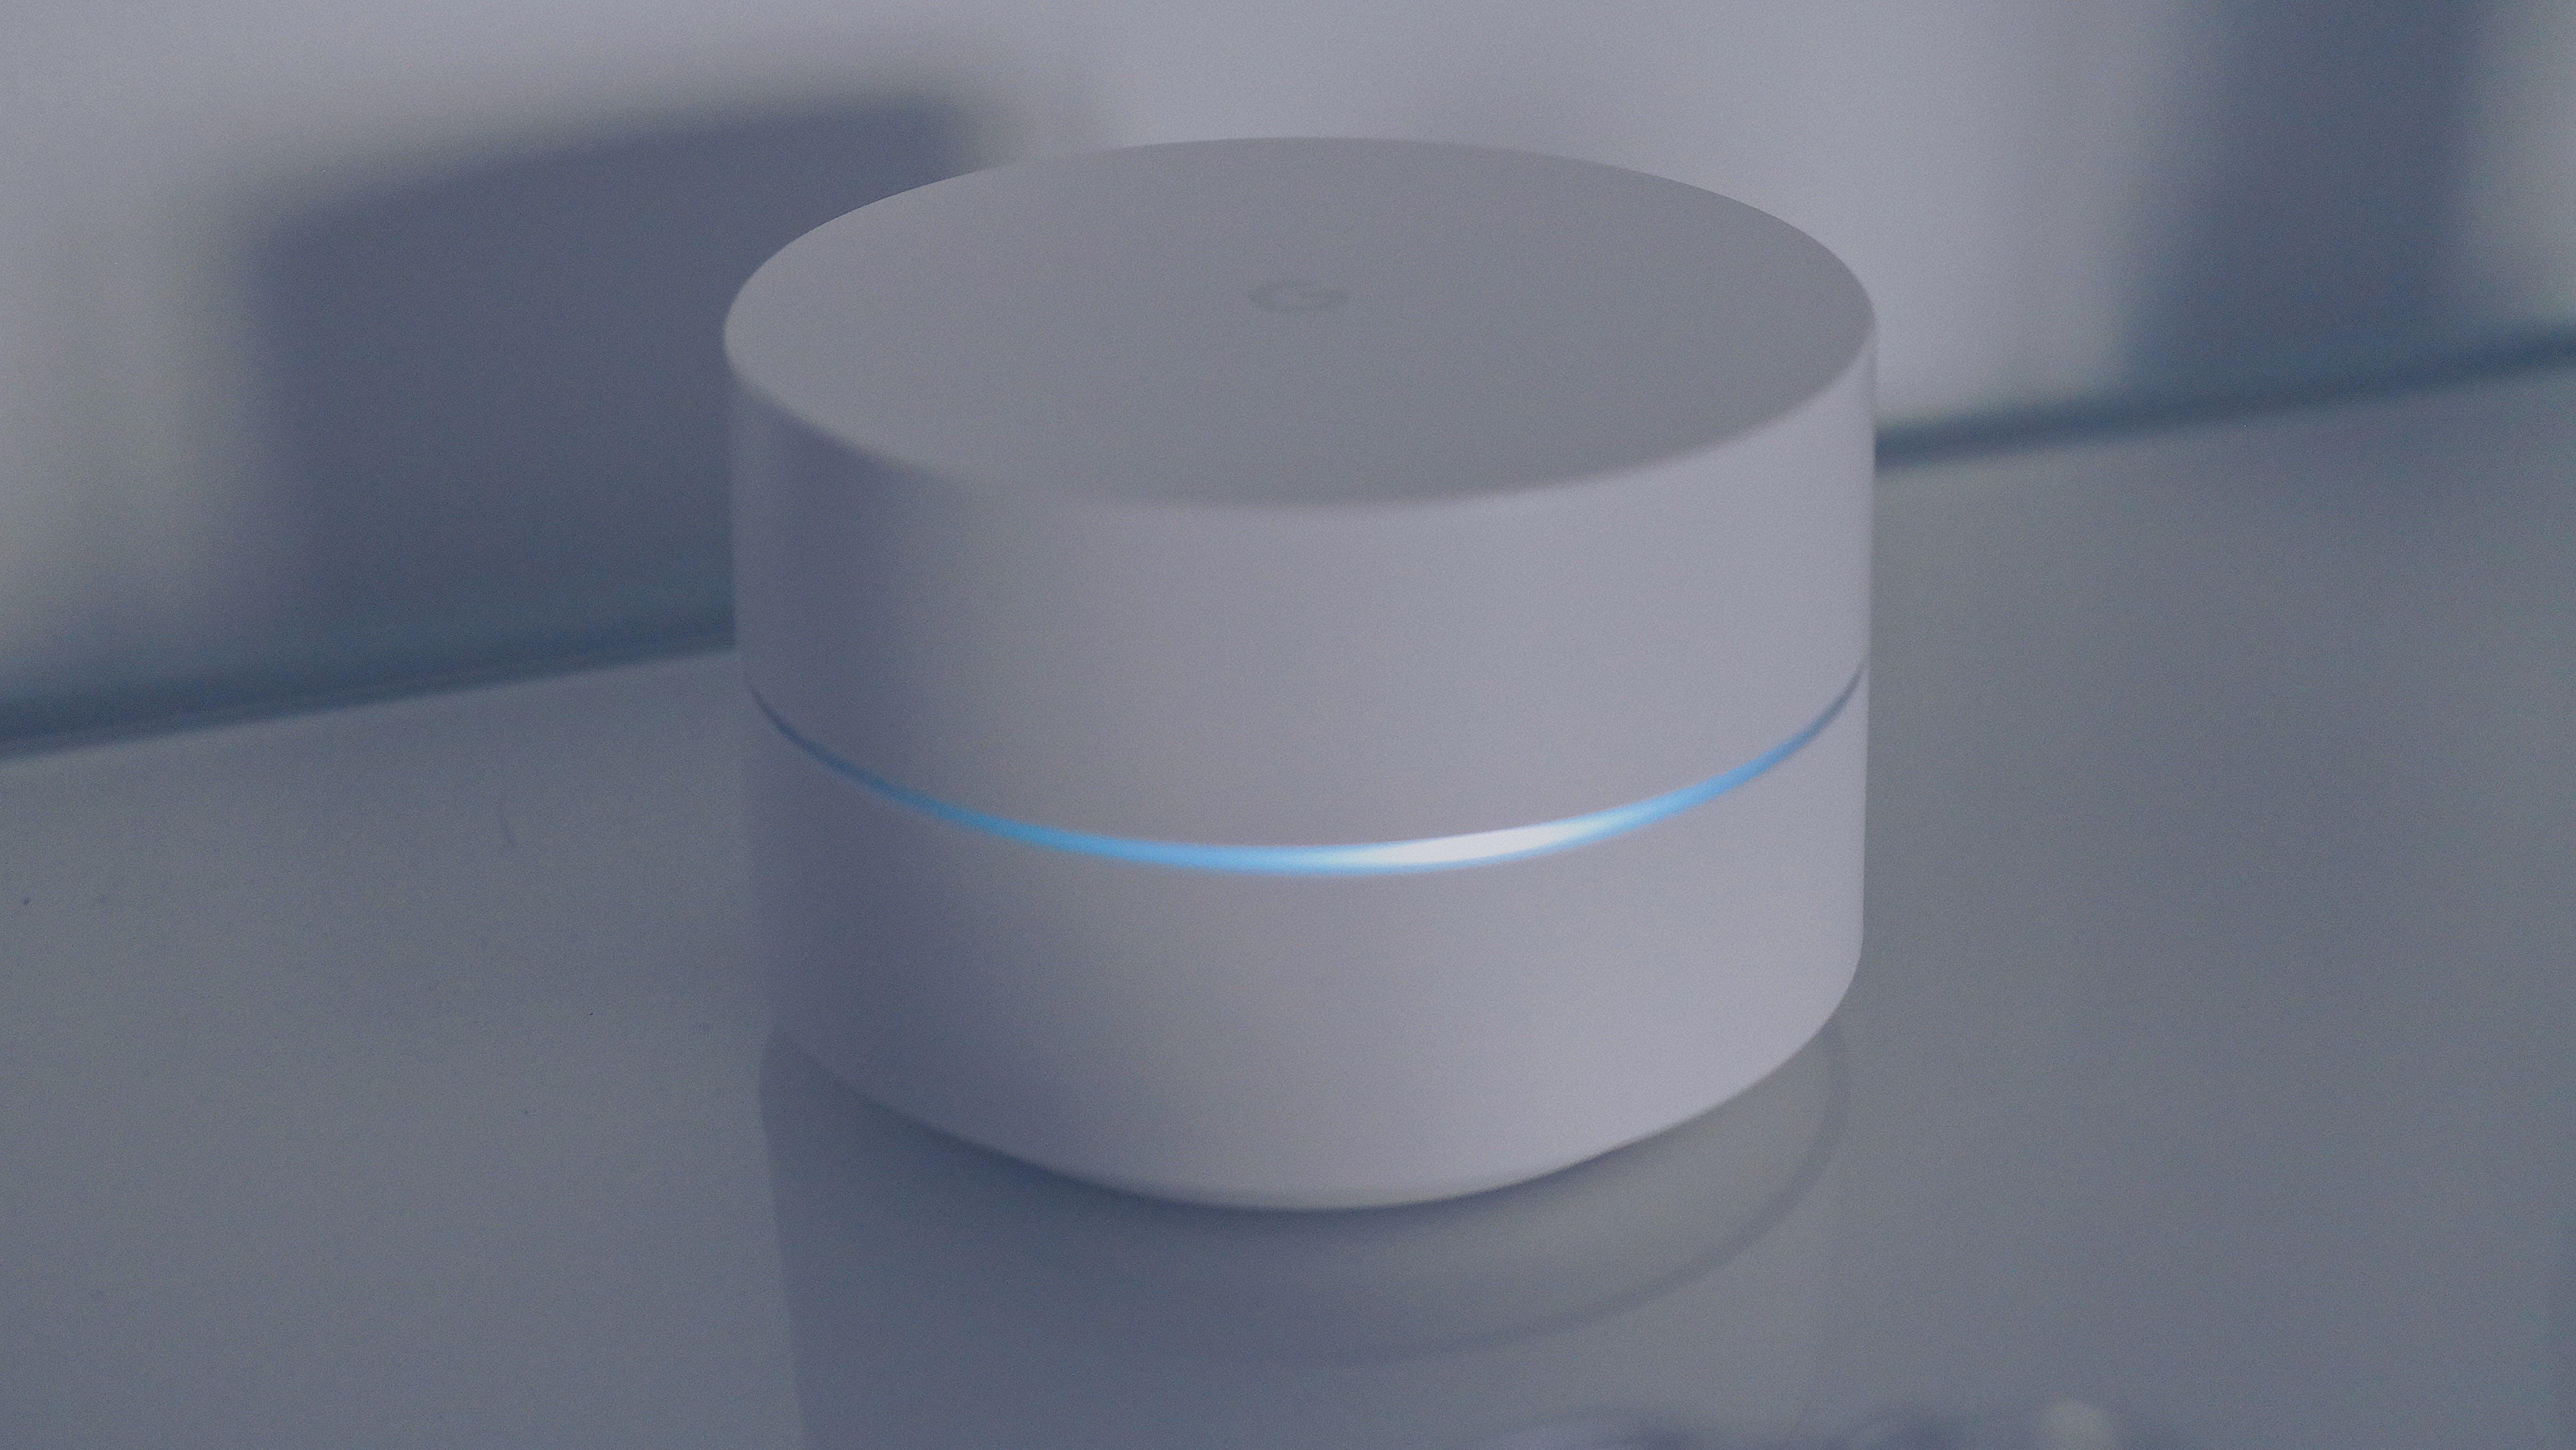 White Google Speaker